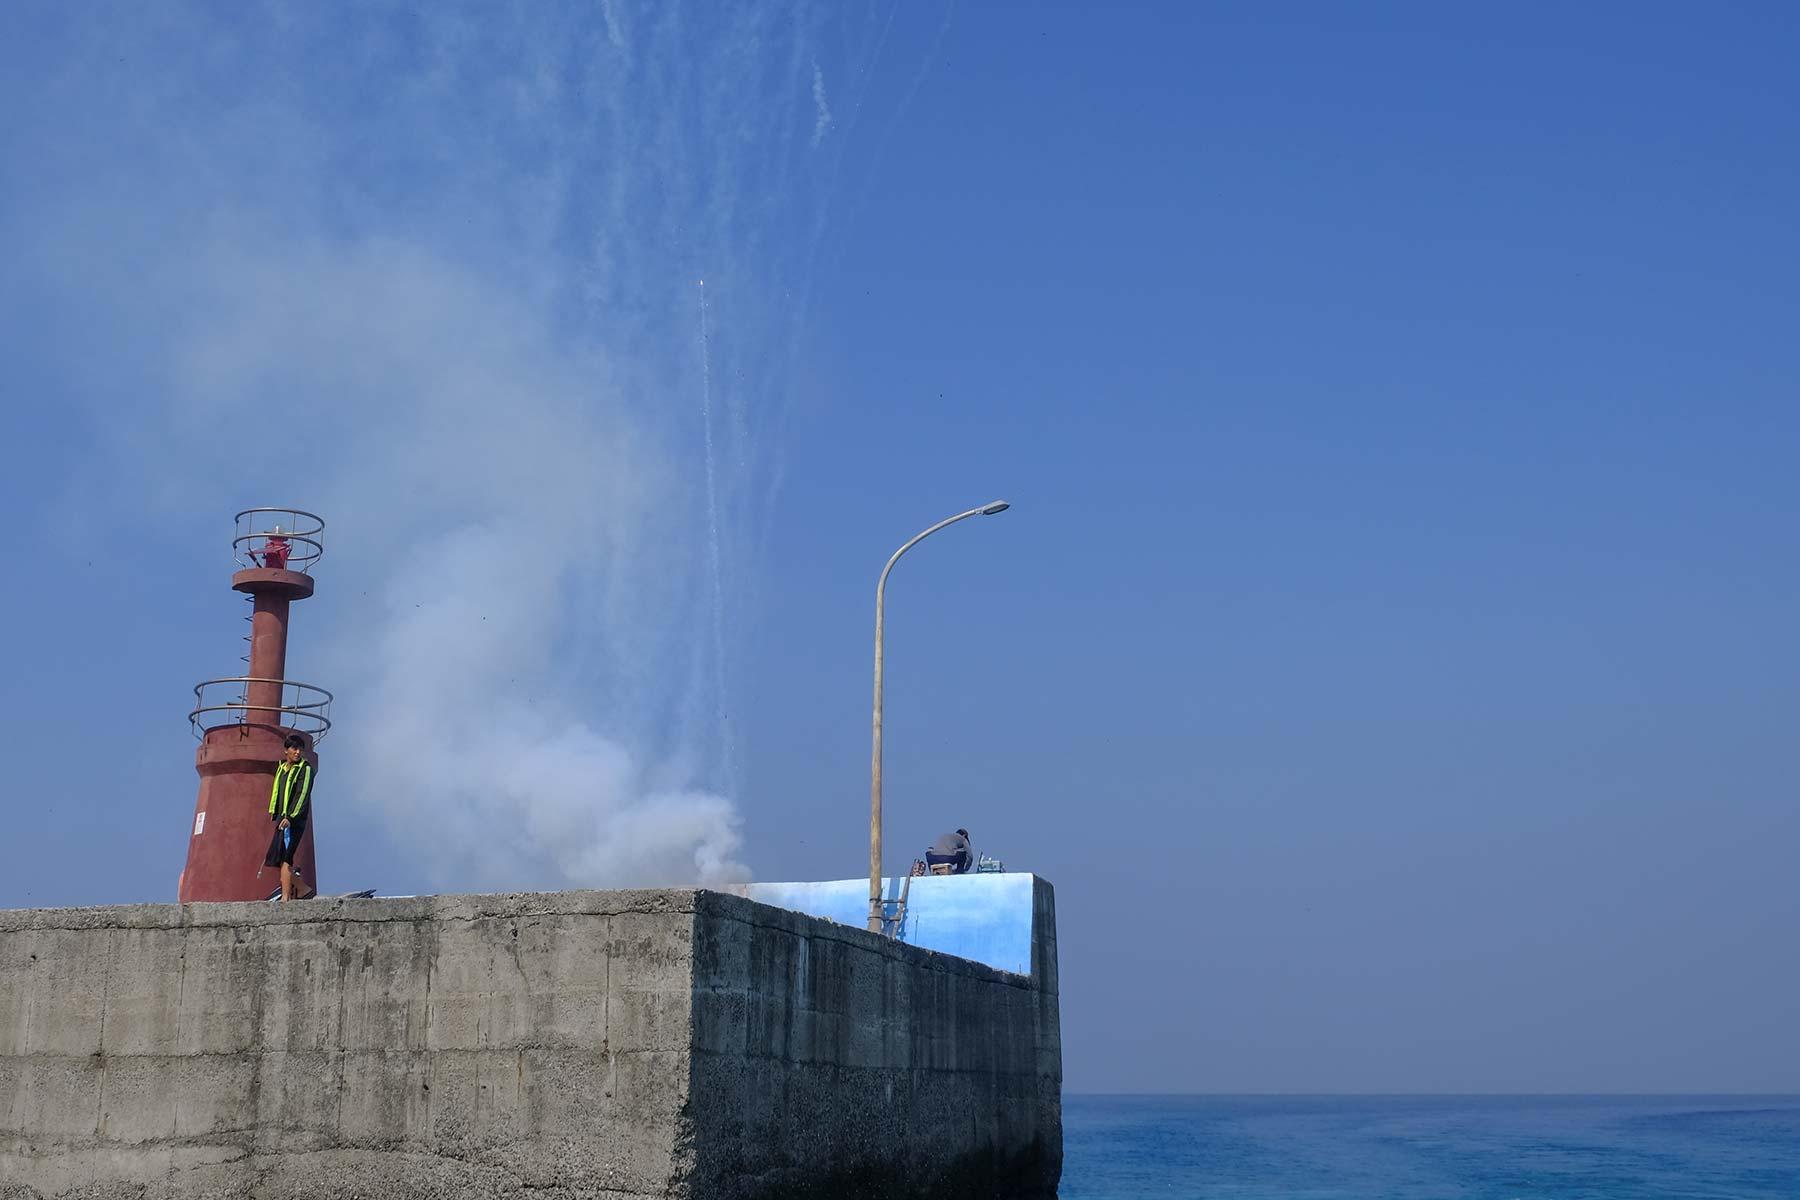 Feuerwerk zur Begrüßung auf der Insel Xiaoliuqiu in Taiwan